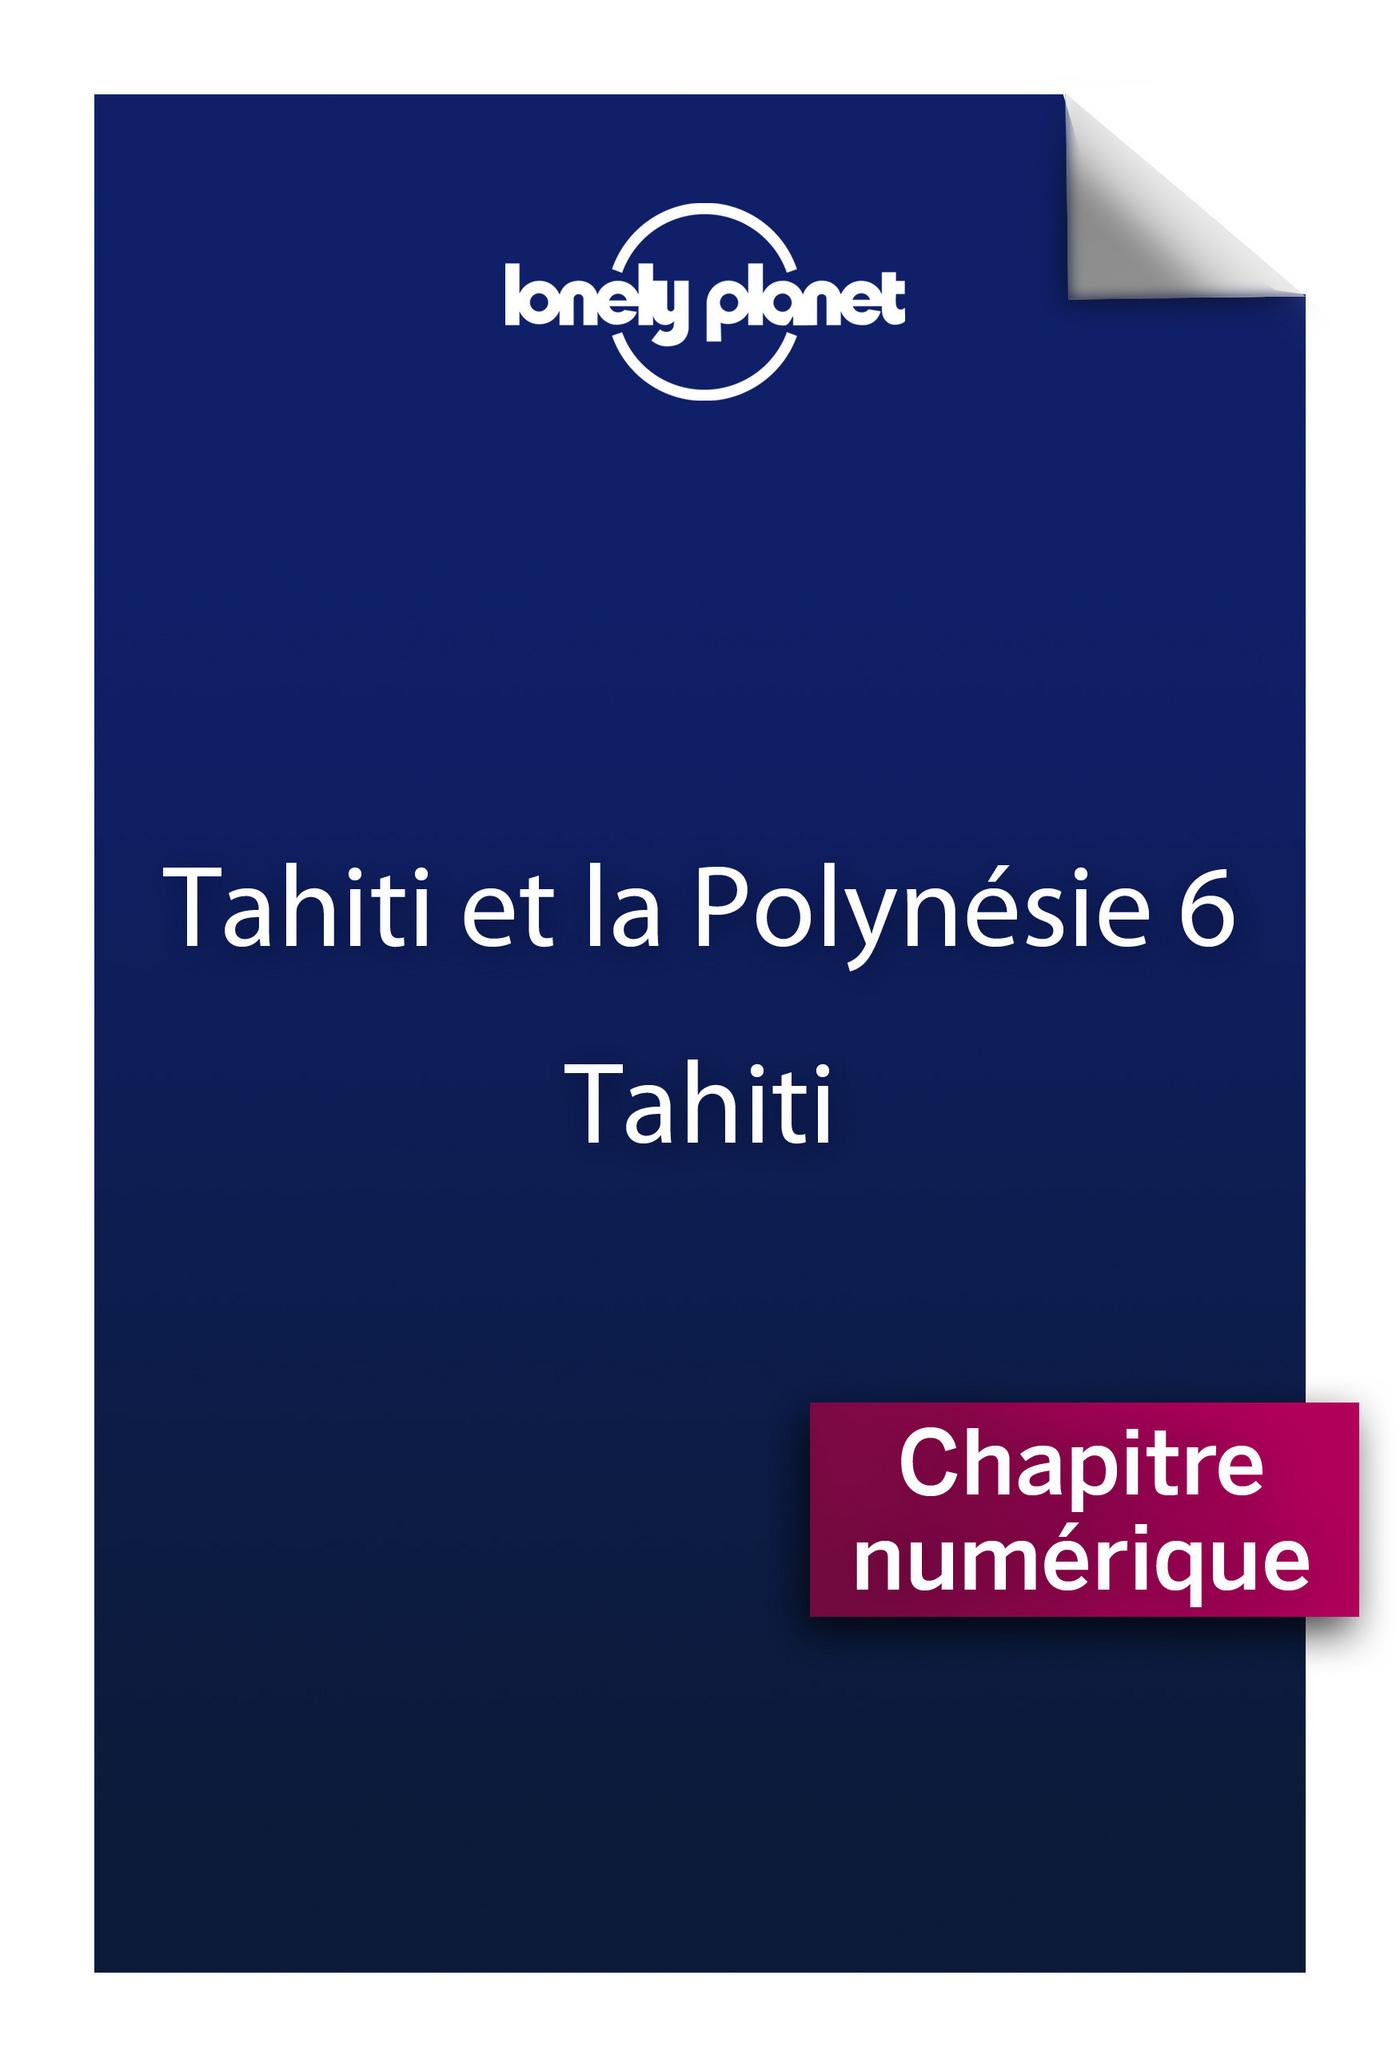 Tahiti 6 - Tahiti